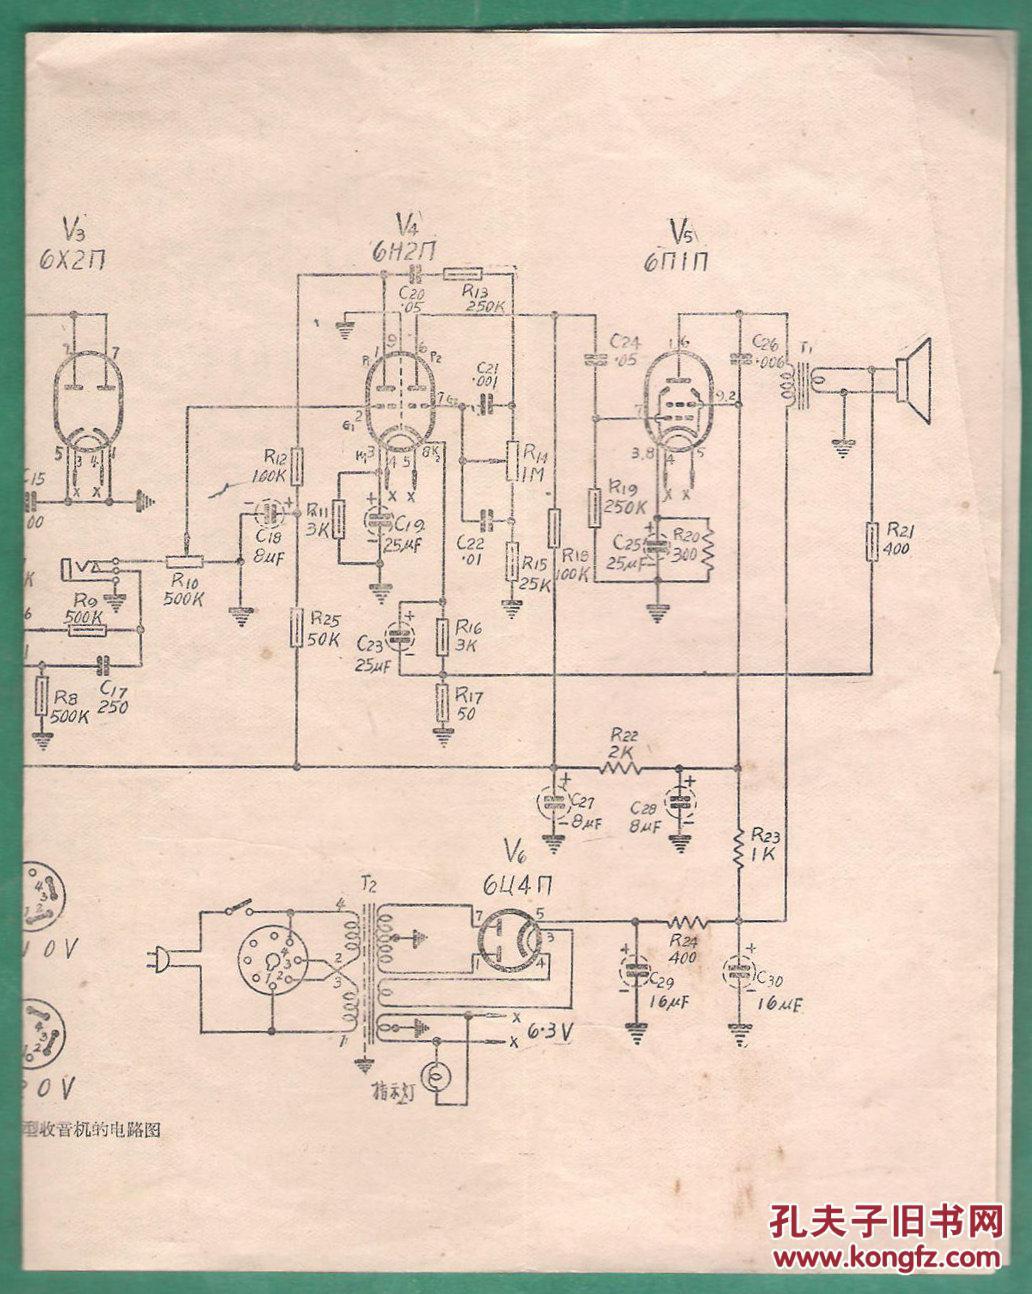 老电路图 502-1型电子管收音机